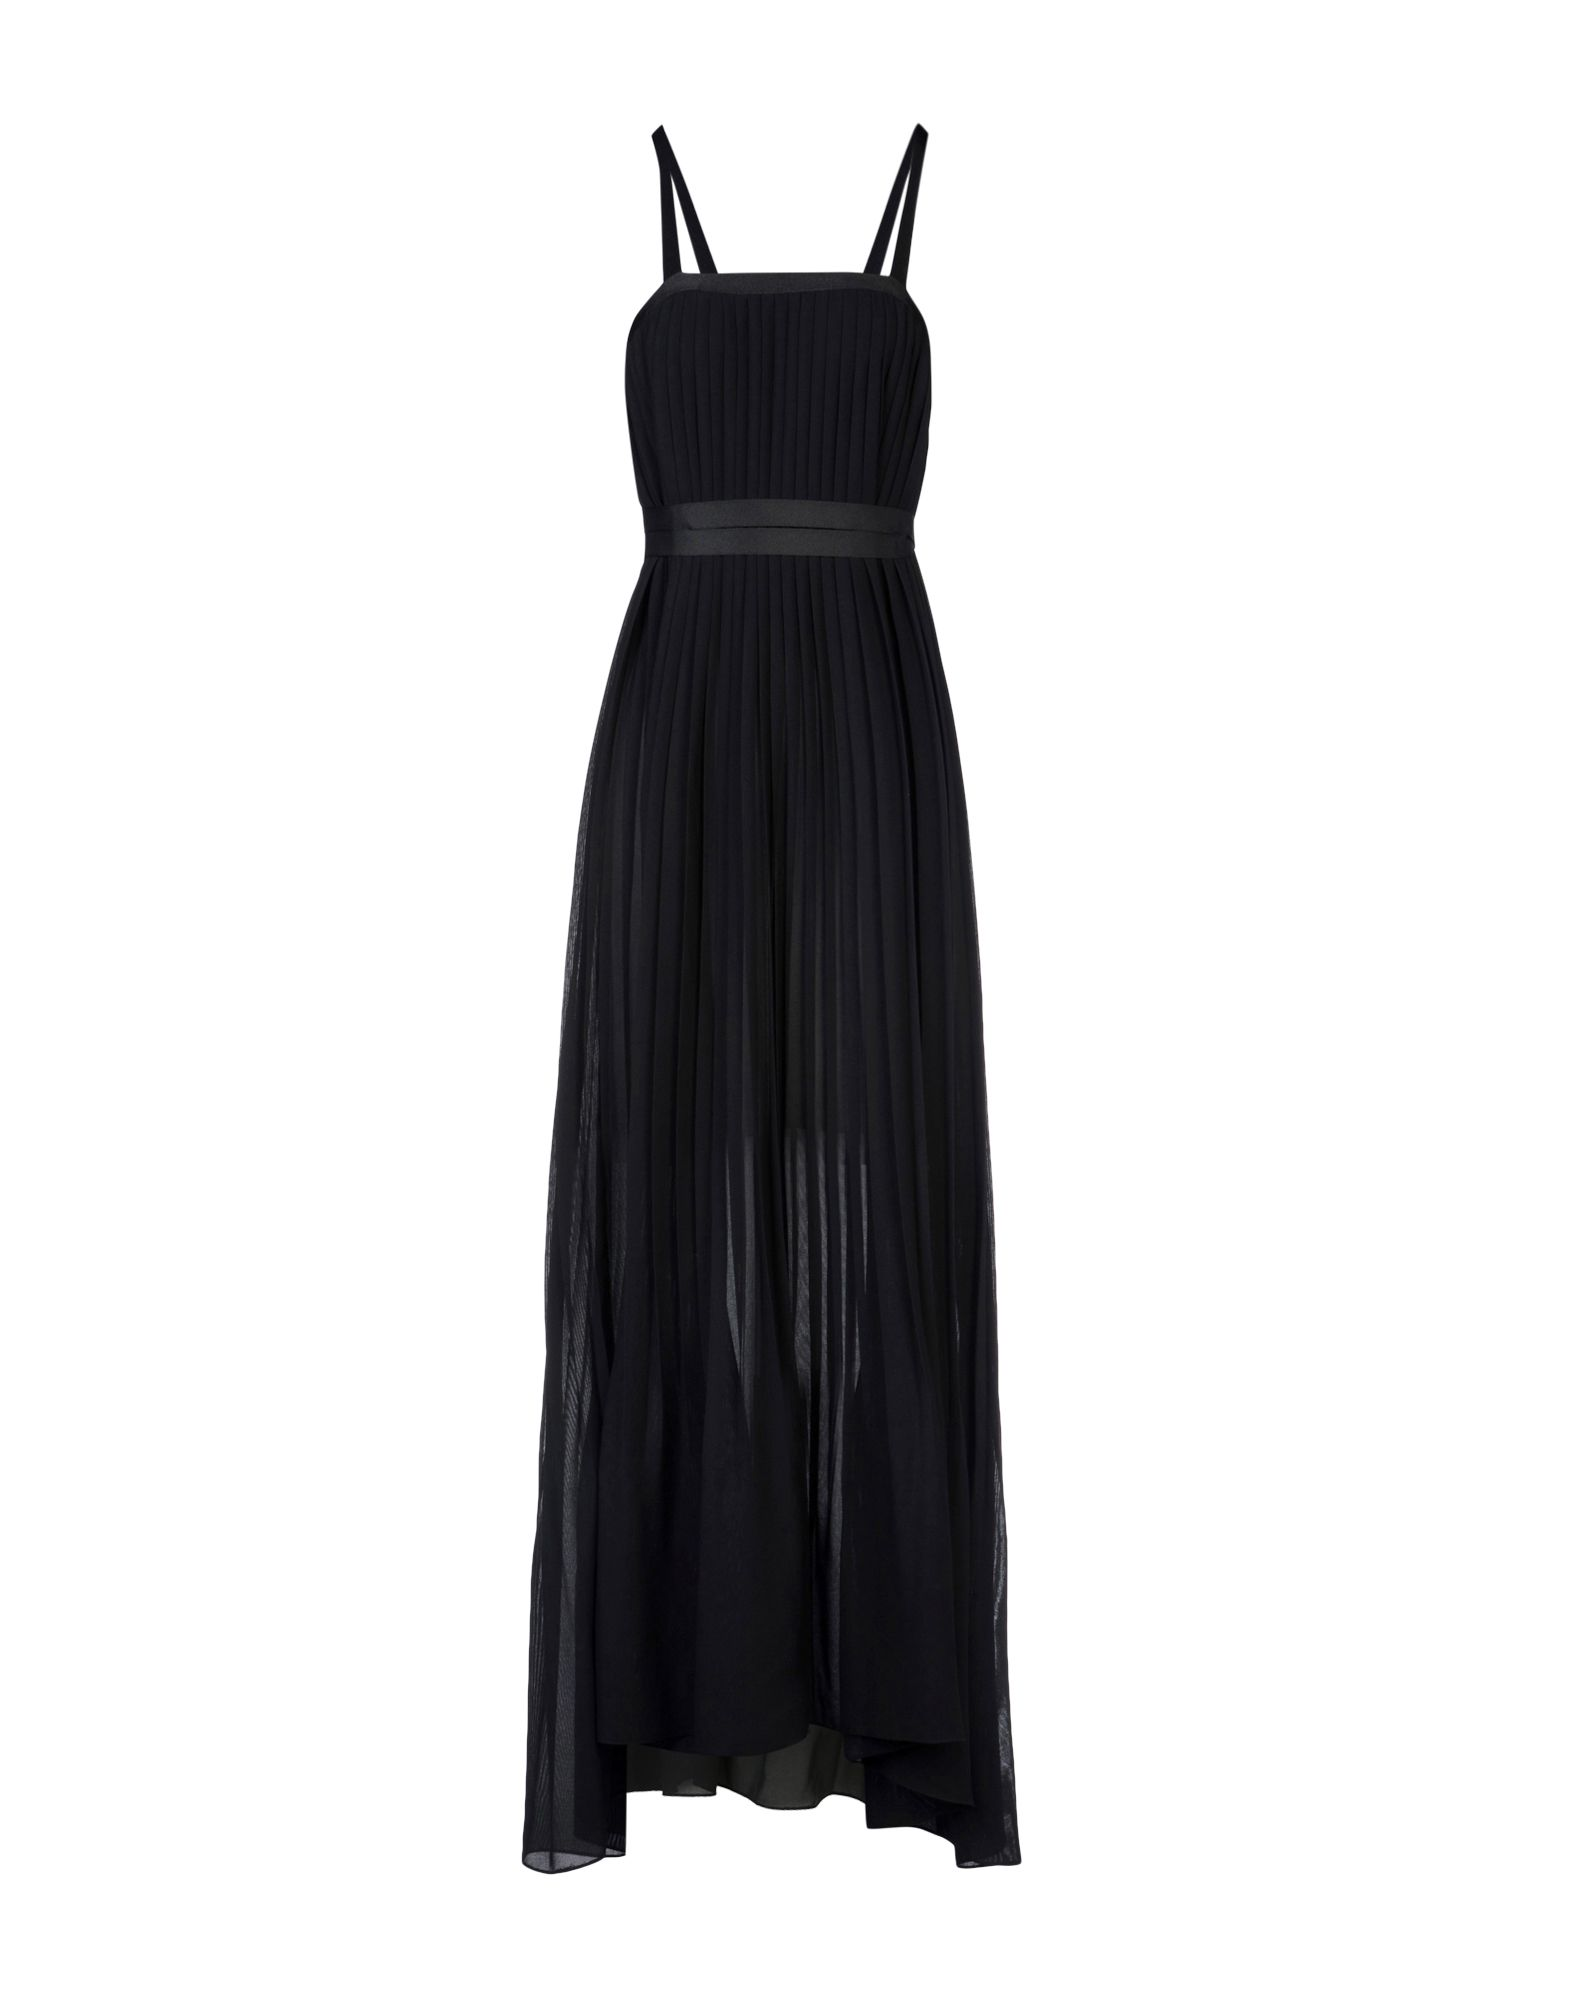 《送料無料》BY. BONNIE YOUNG レディース ロングワンピース&ドレス ブラック S ポリエステル 100%